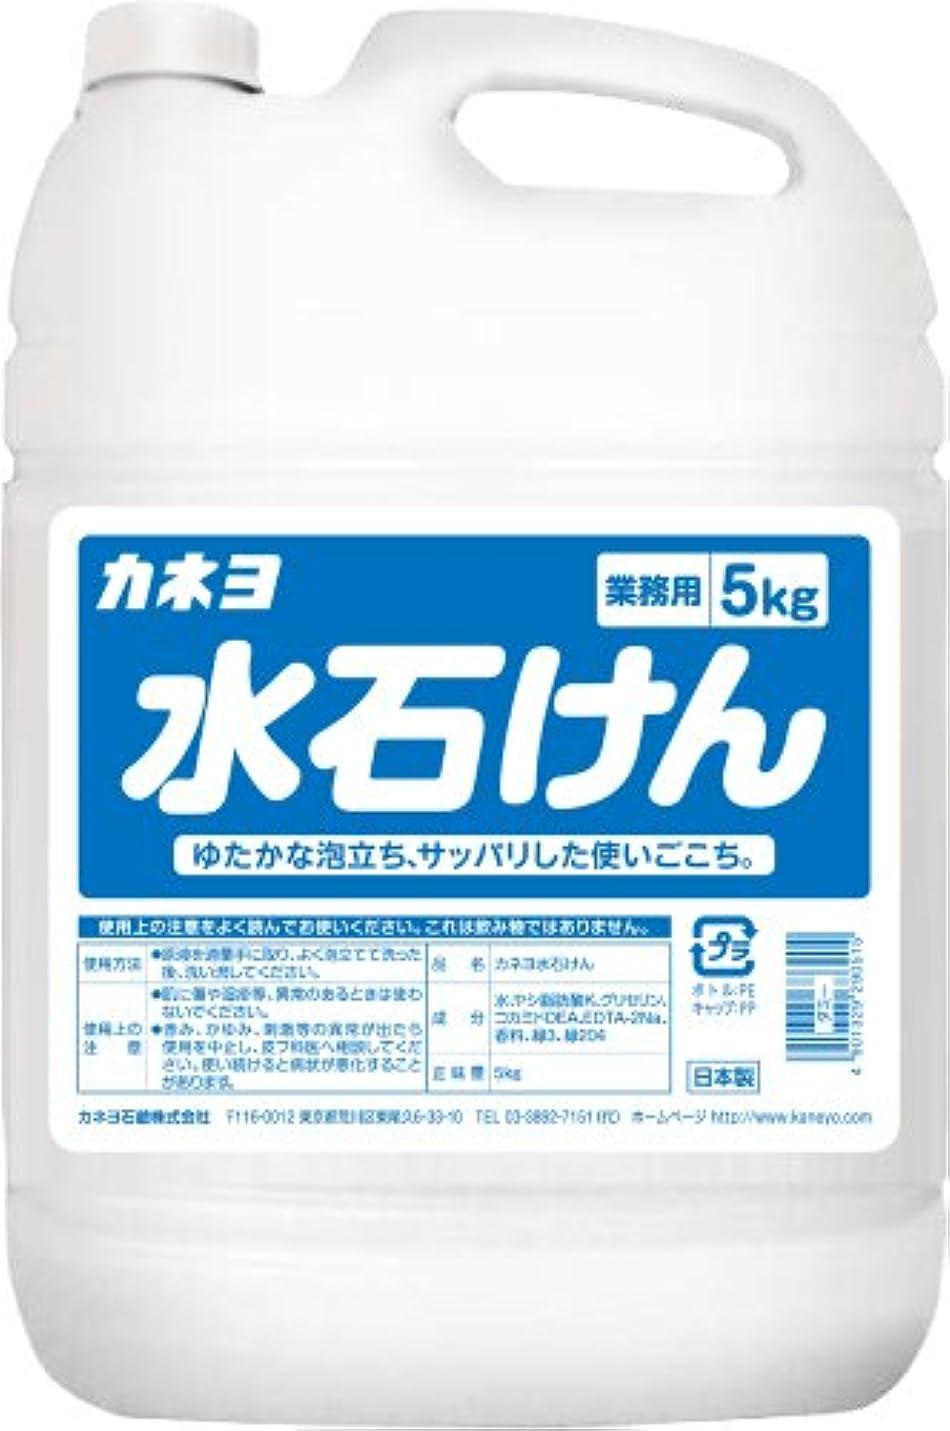 みぞれ高さ吸収【大容量】 カネヨ石鹸 ハンドソープ 水石けん 液体 業務用 5kg